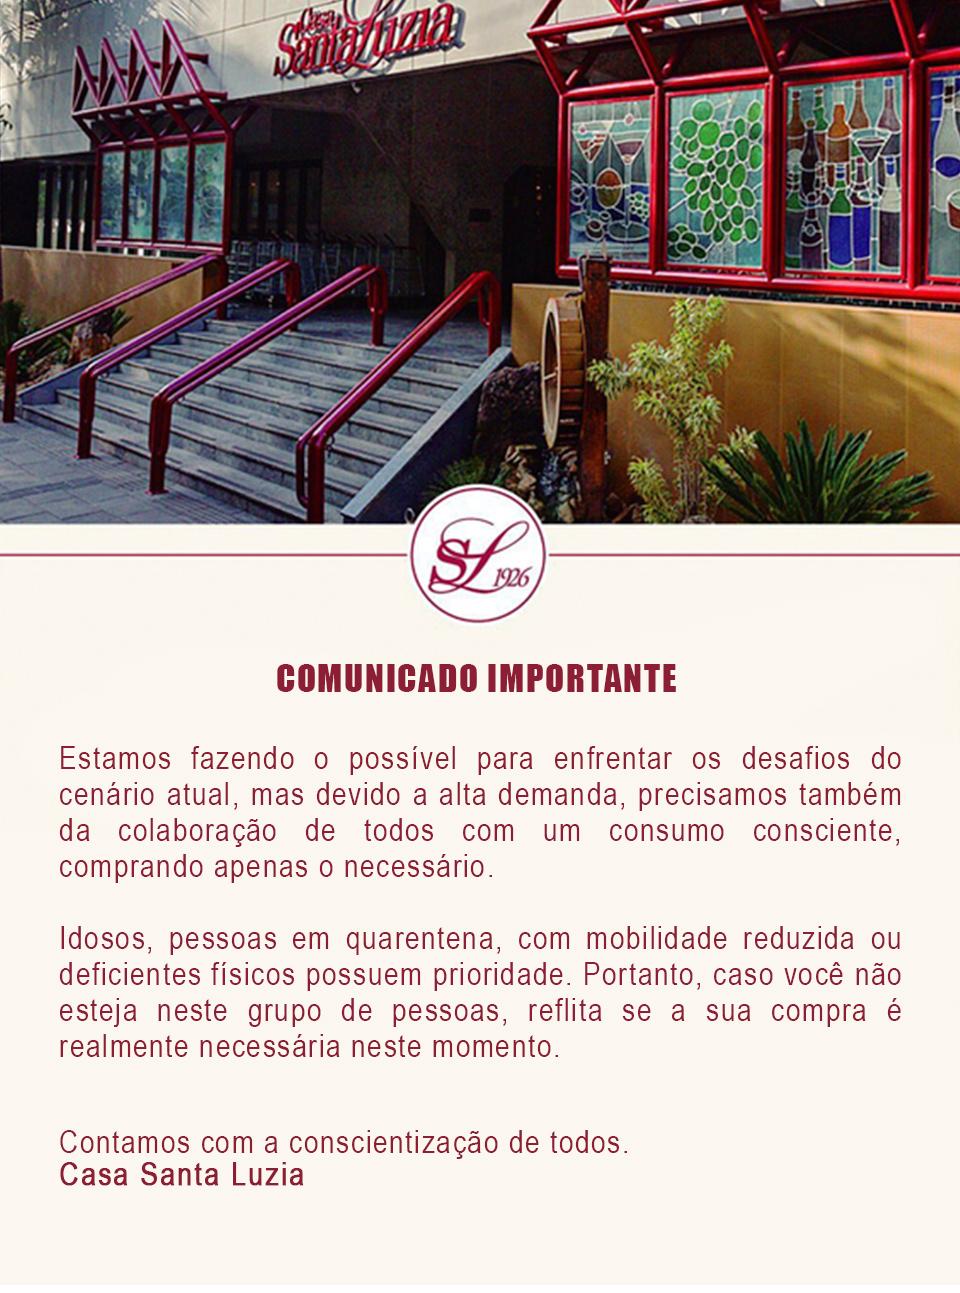 Mobile | Comunicado COVID 19